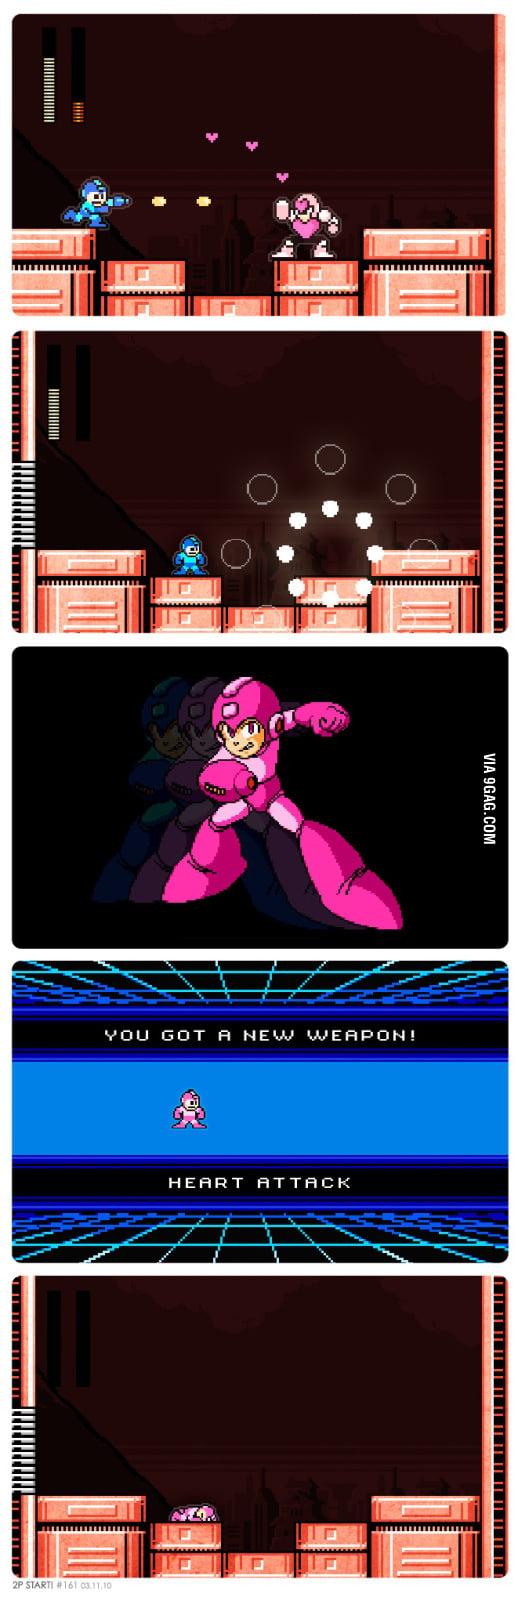 Mega Man - You got a new weapon!